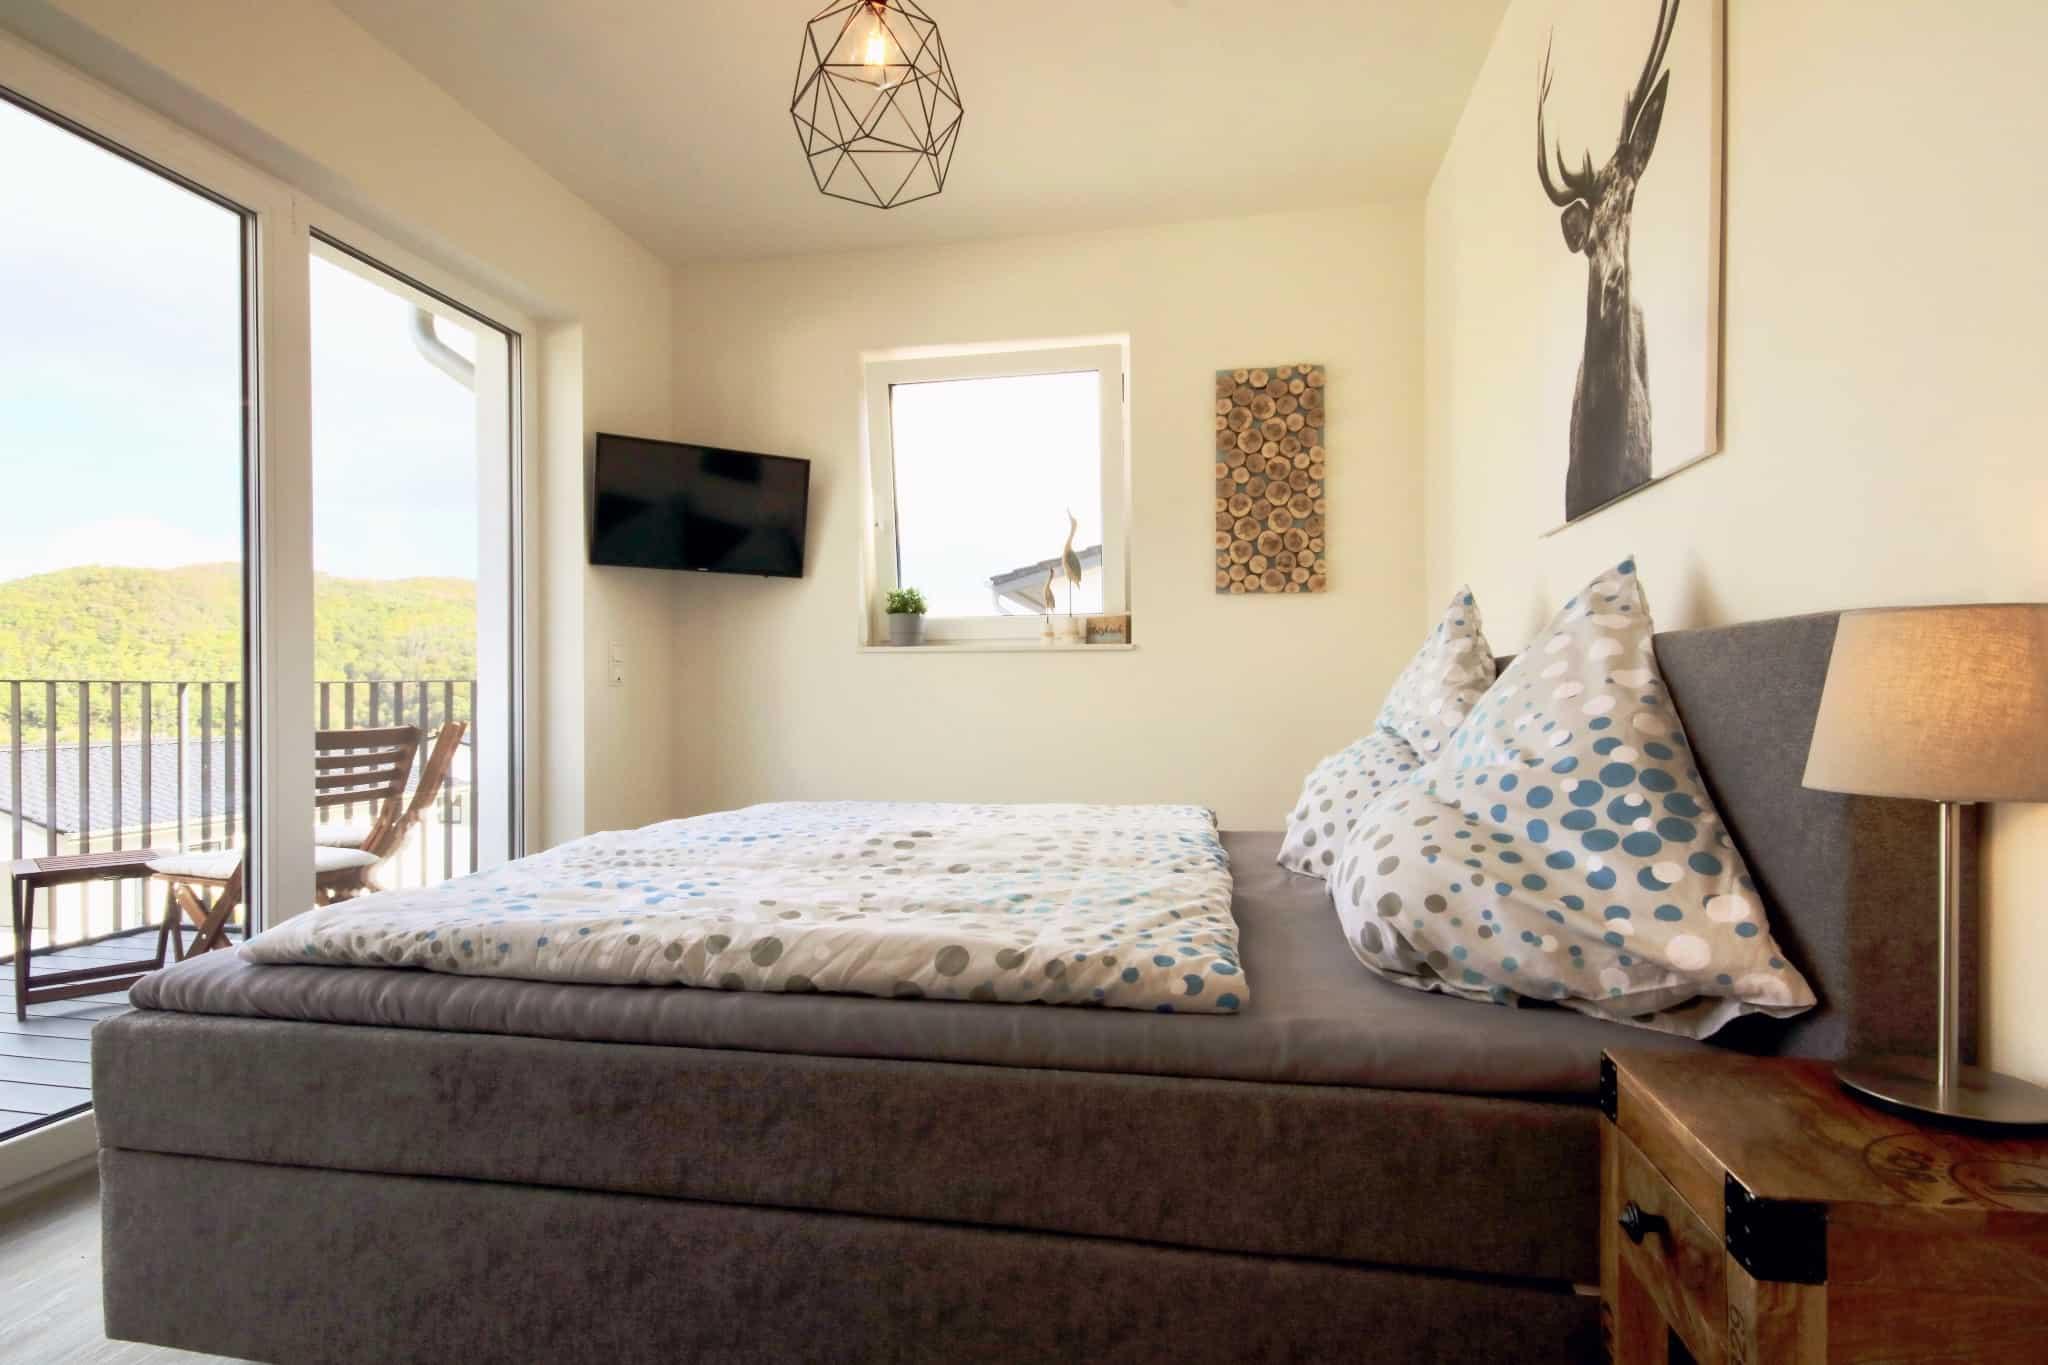 Ferienhaus Marta am Diemelsee Schlafzimmer 1